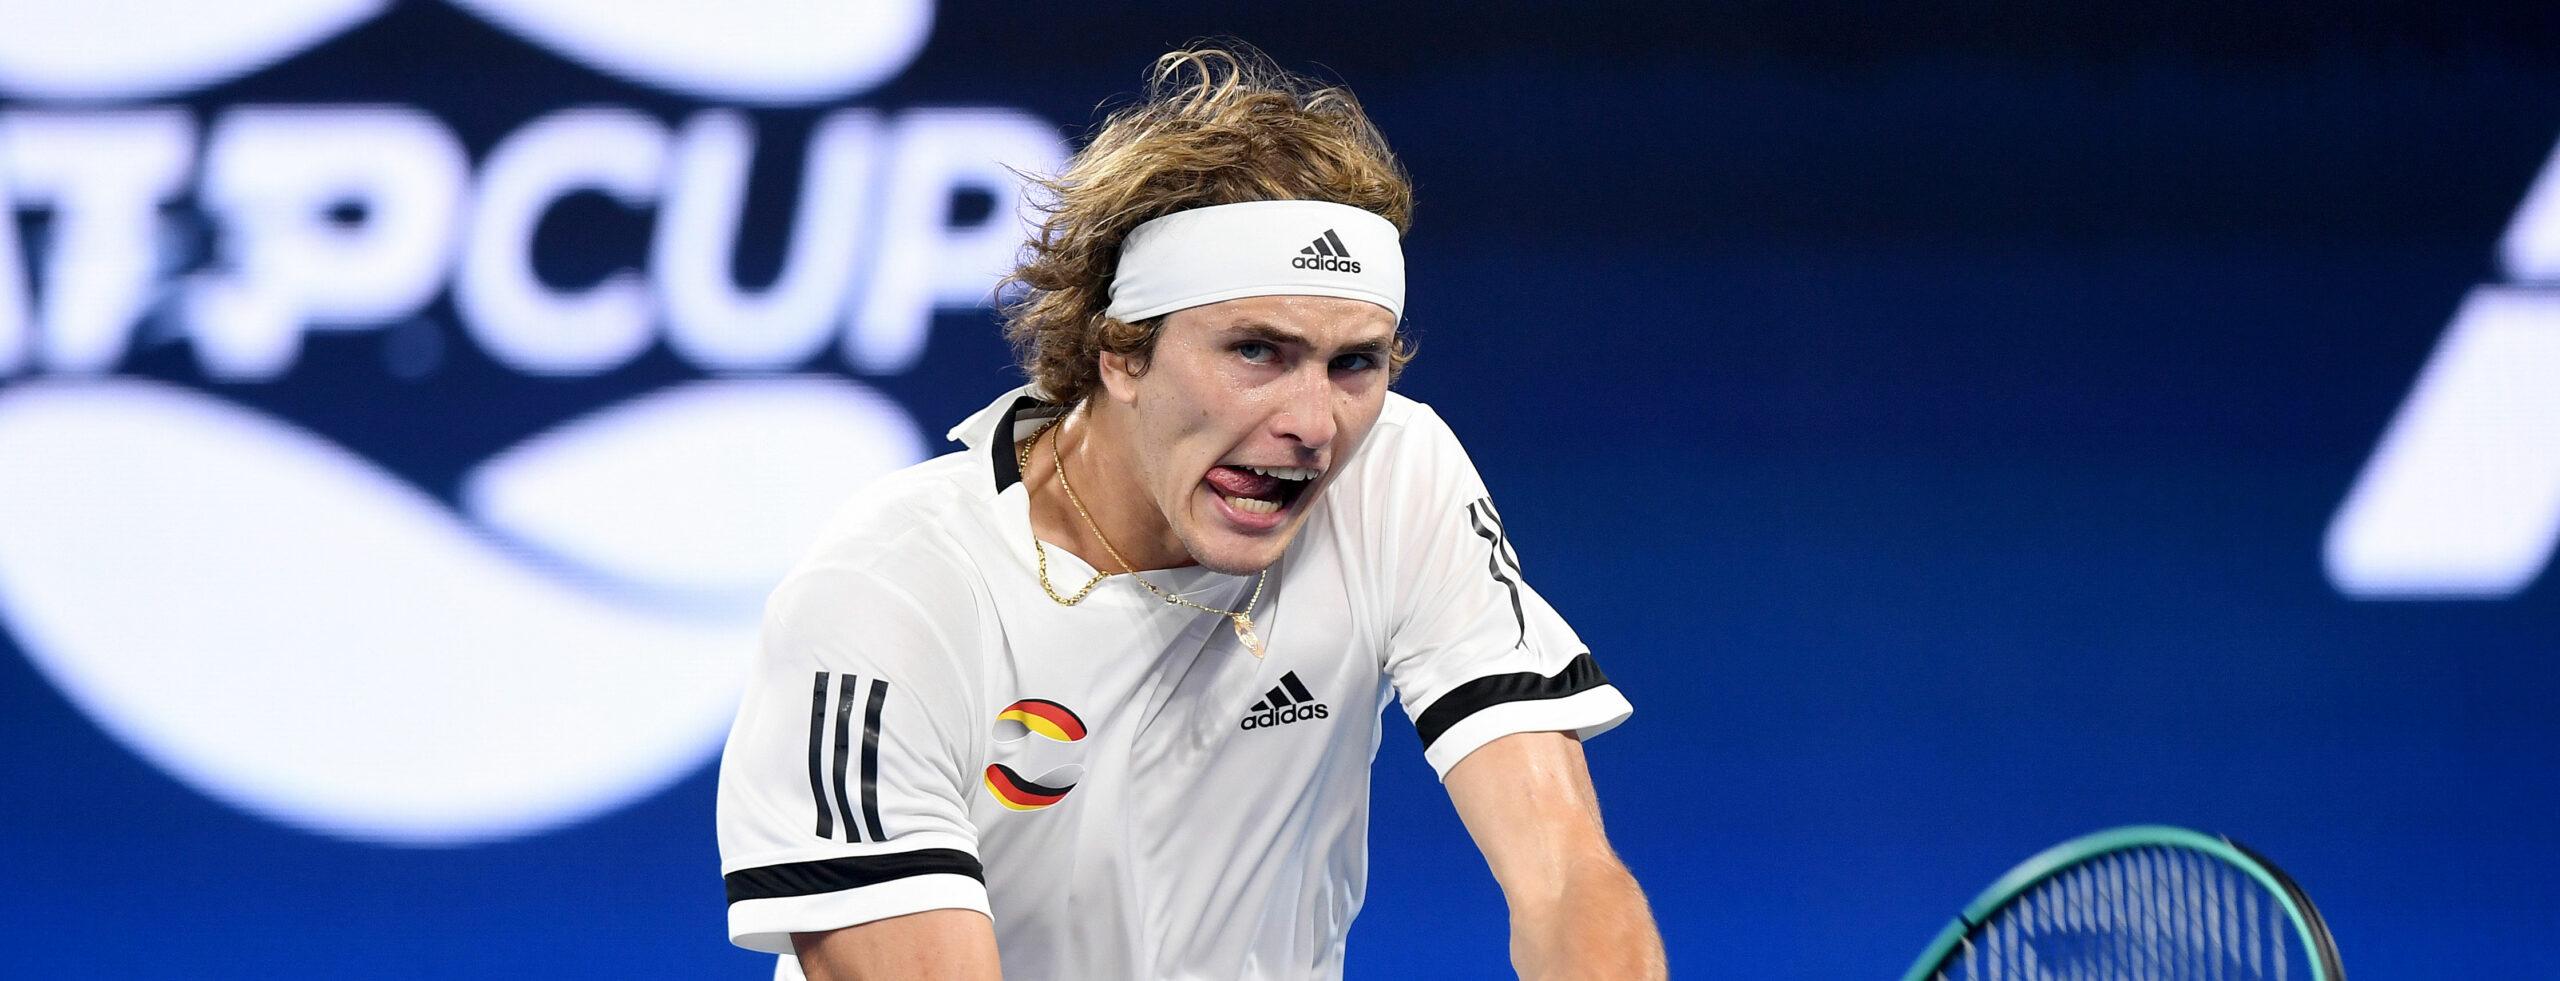 ATP Cup: DTB-Team in der Außenseiterrolle